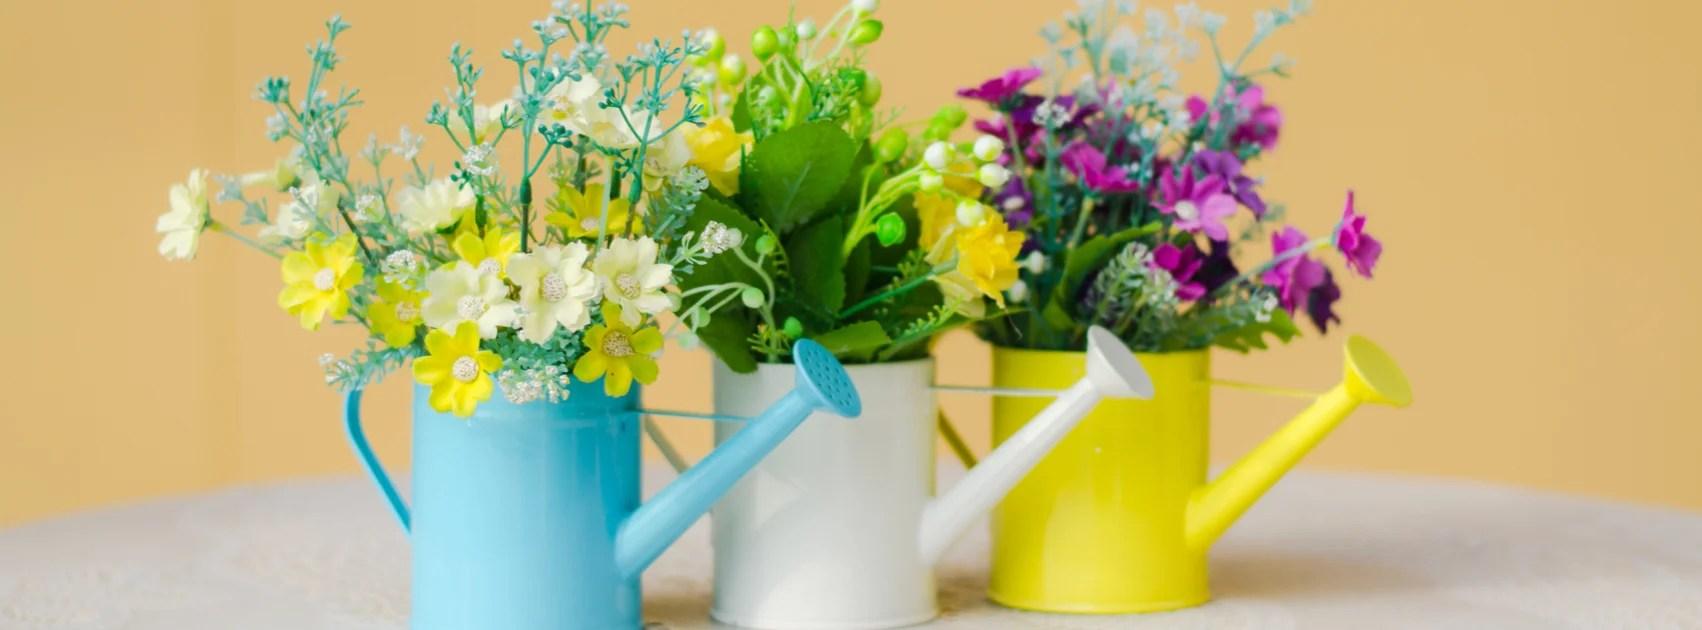 7 ideas para decorar con flores hazlo t mismo  Mi